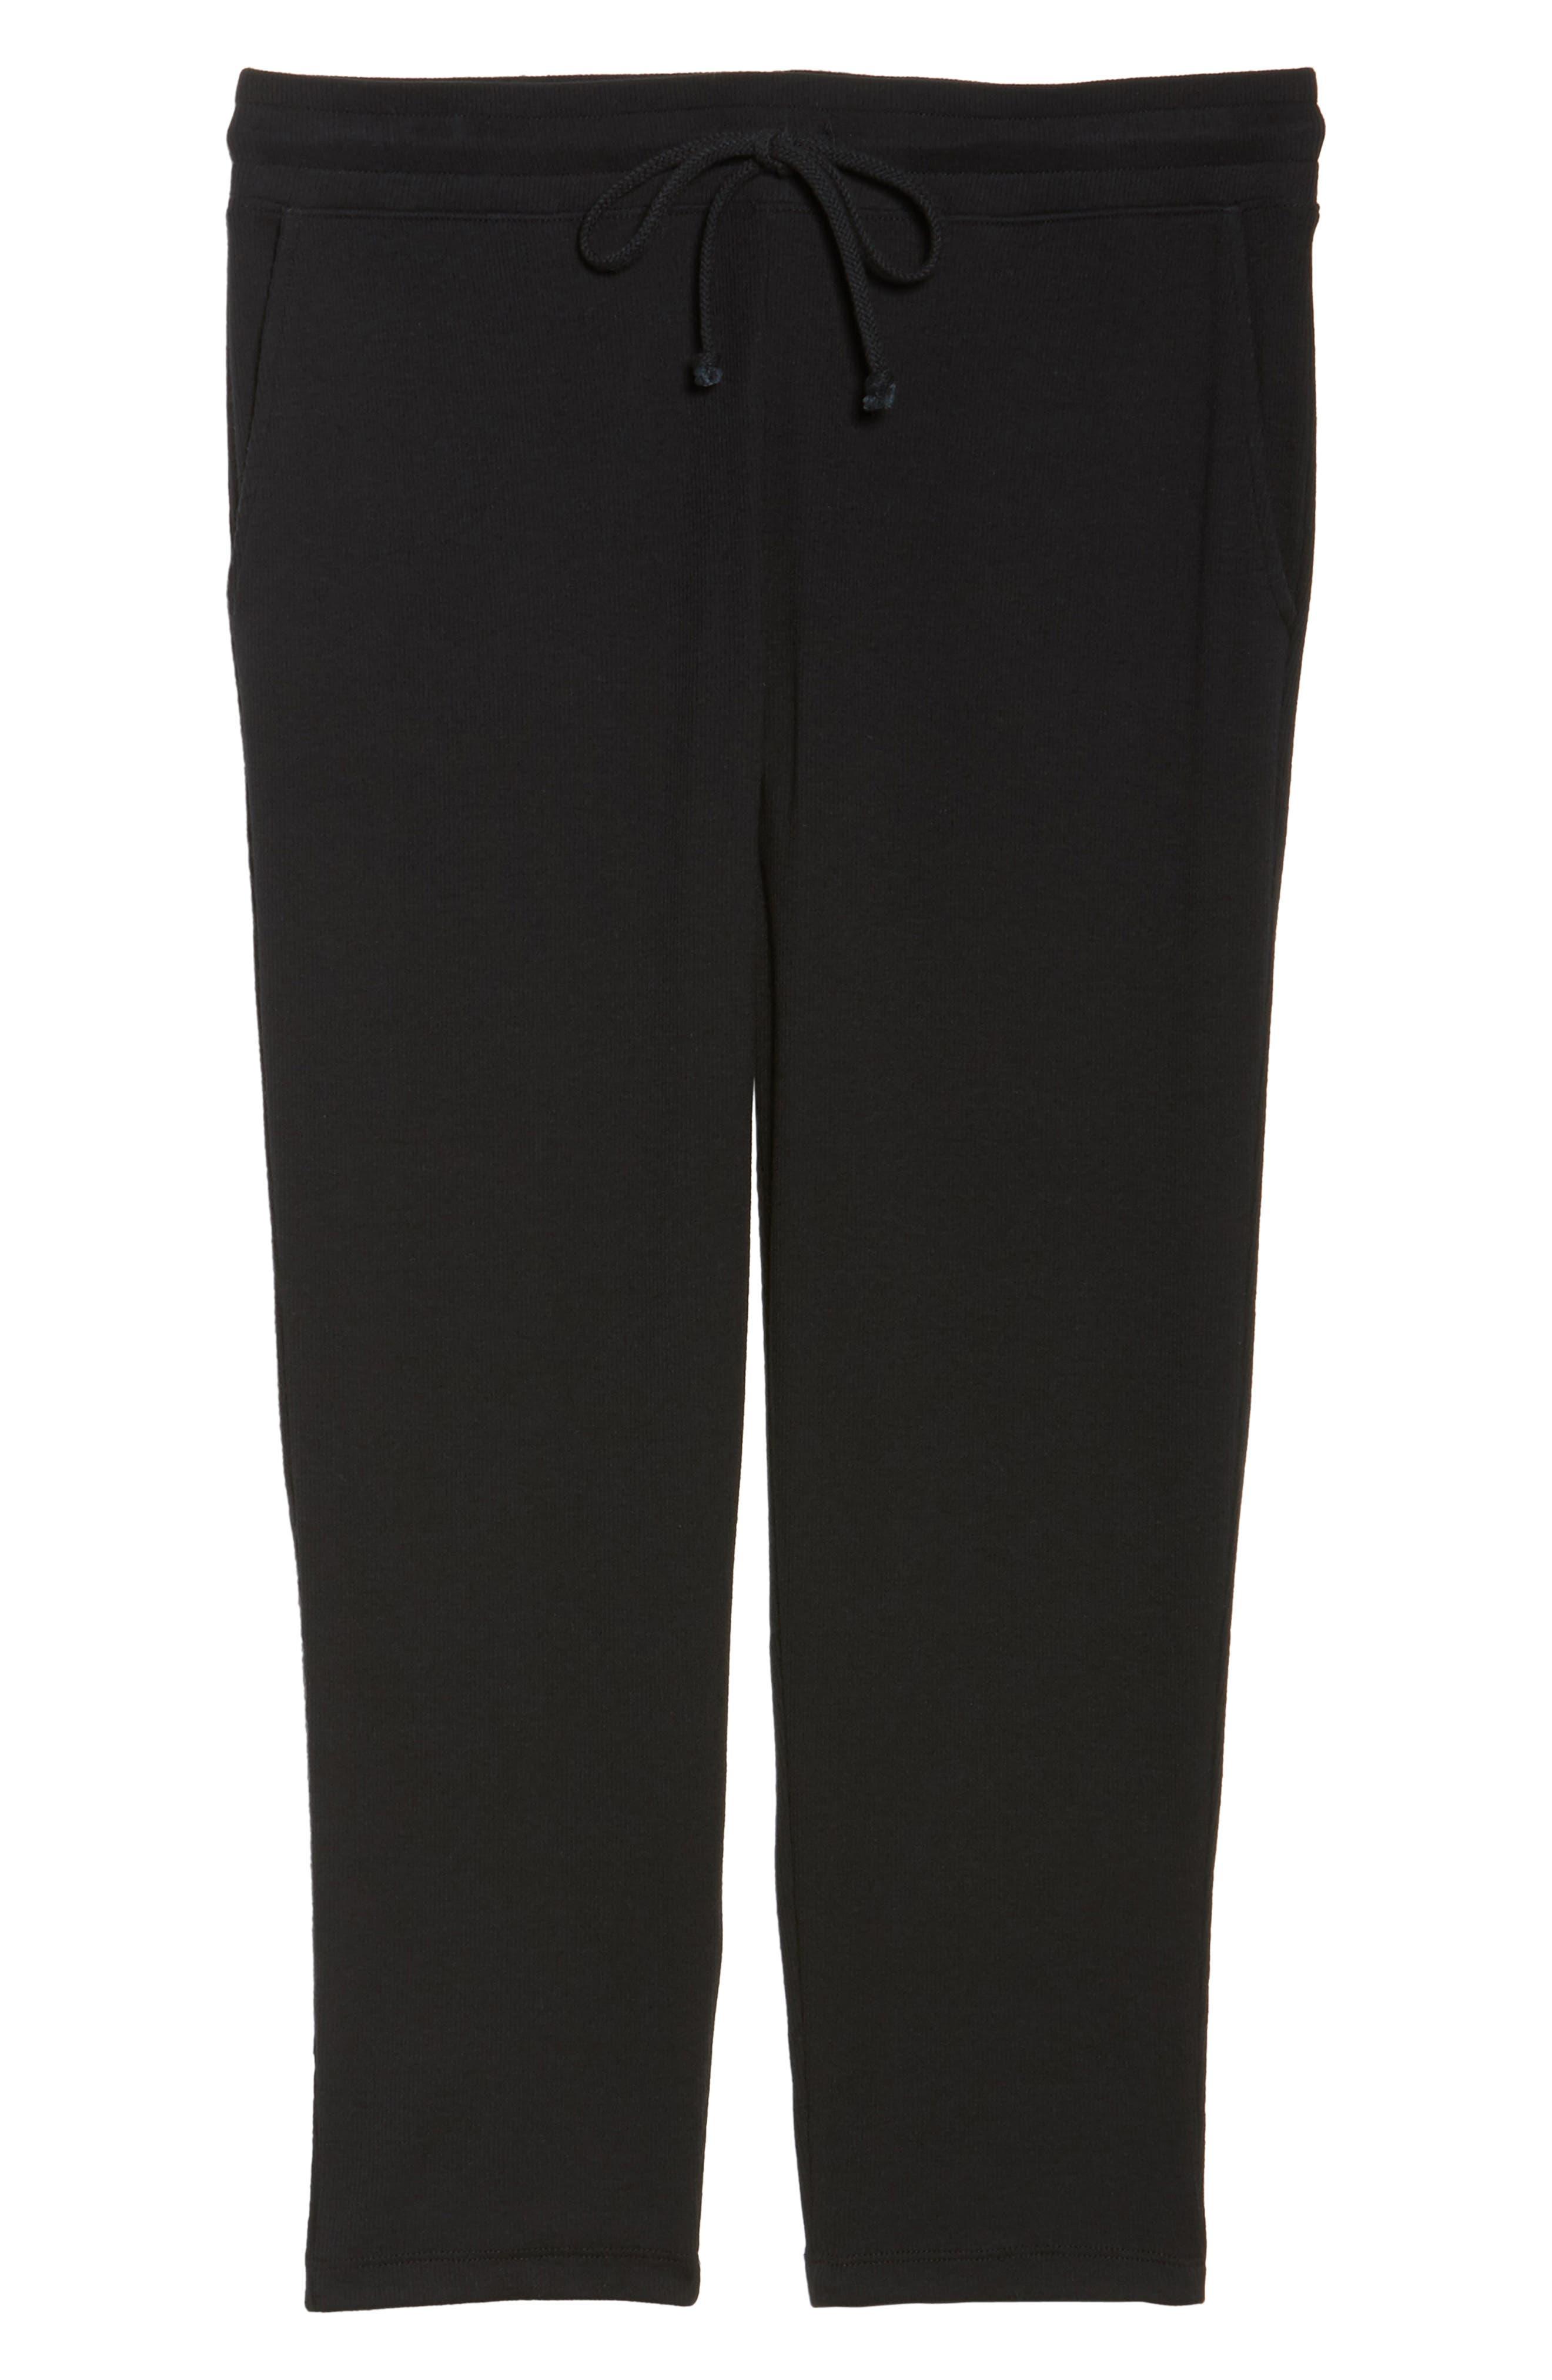 Carmin Crop Lounge Pants,                             Alternate thumbnail 6, color,                             Black